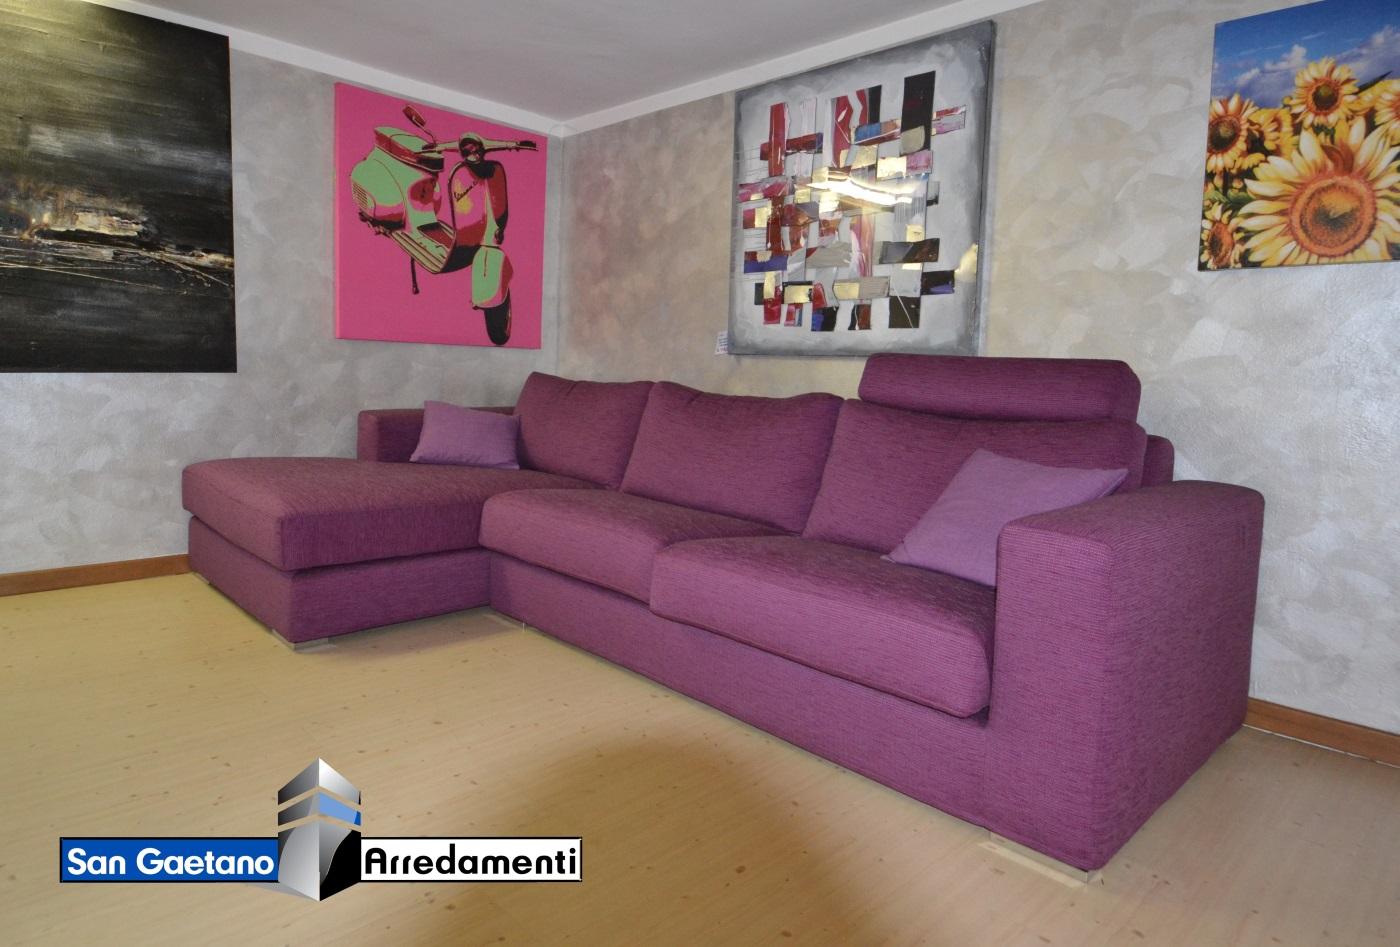 Offerta divano alberta salotti modello broadway san for Broadway arredamenti